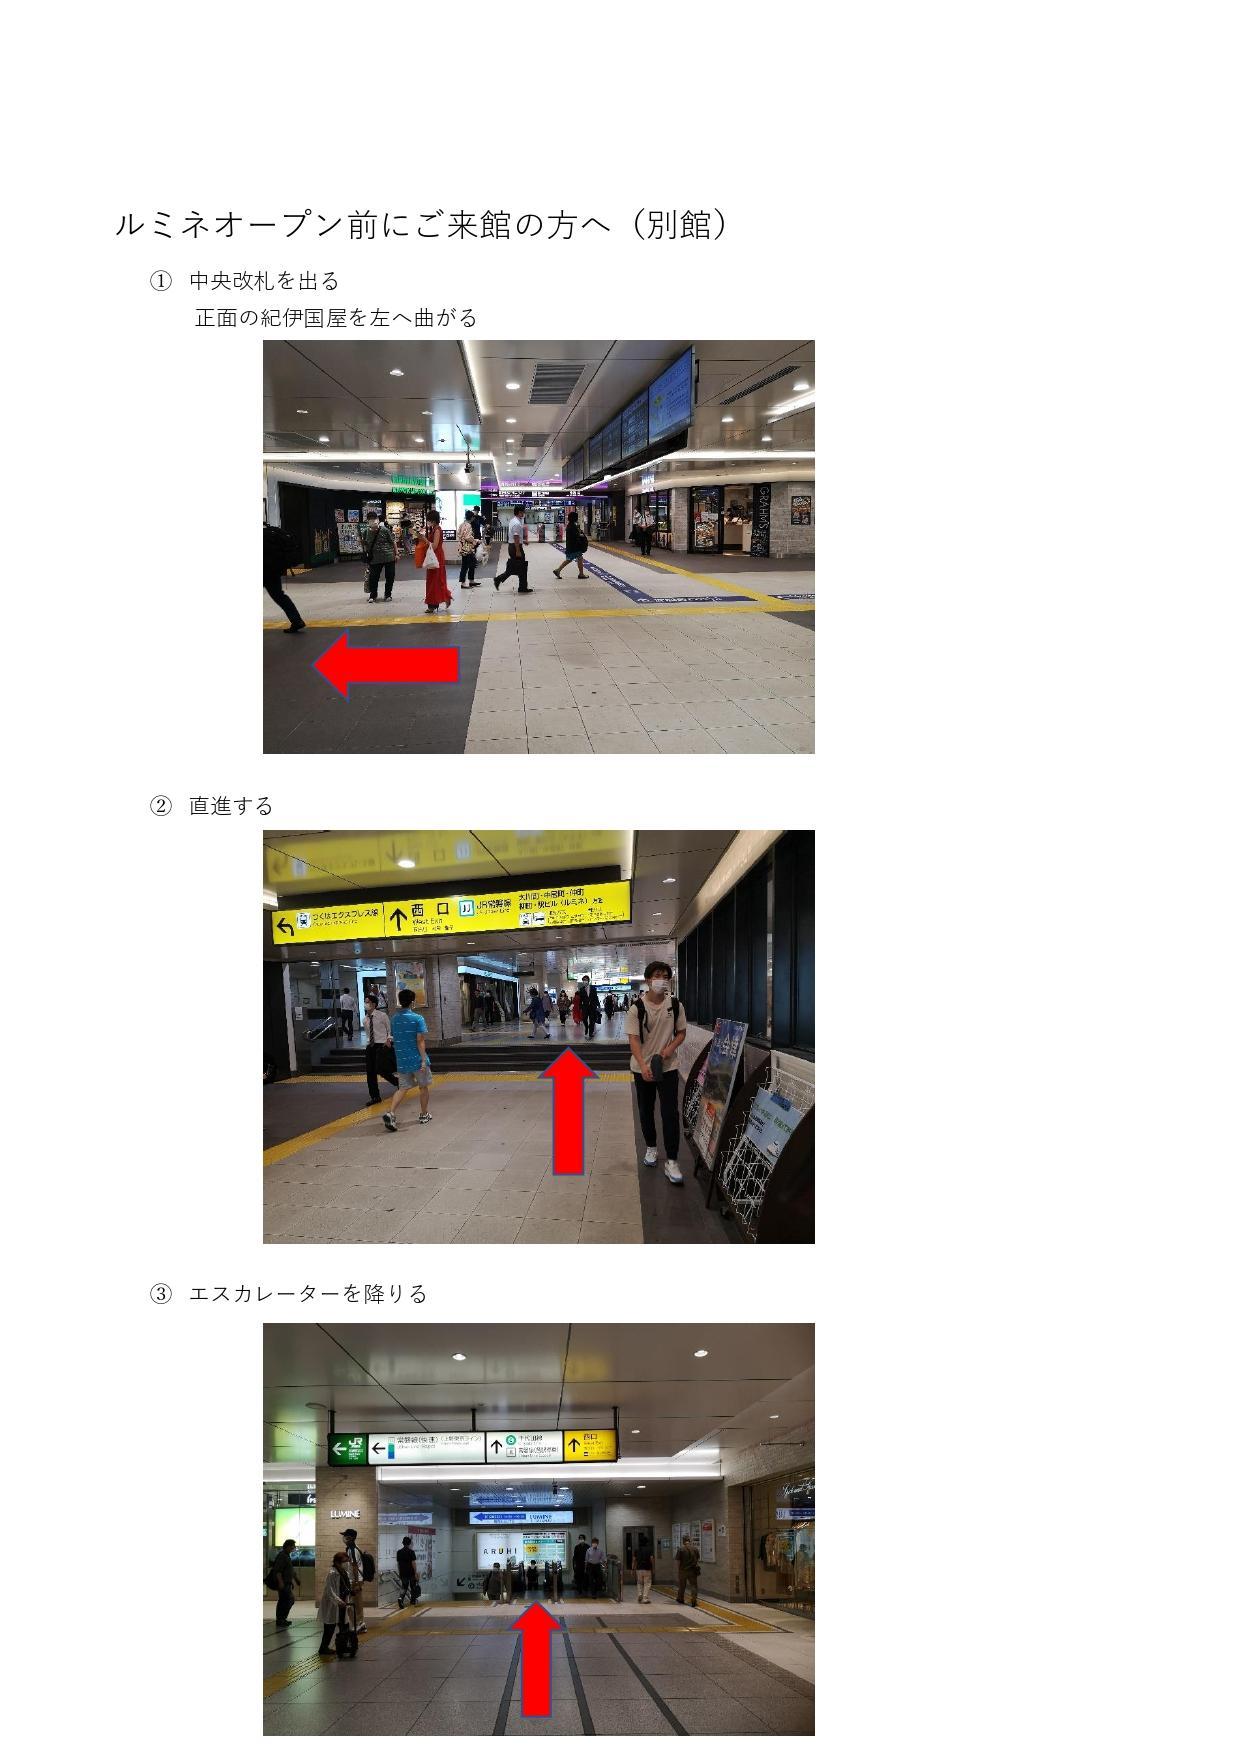 譯亥・-螟画鋤貂医∩_page-0003.jpg